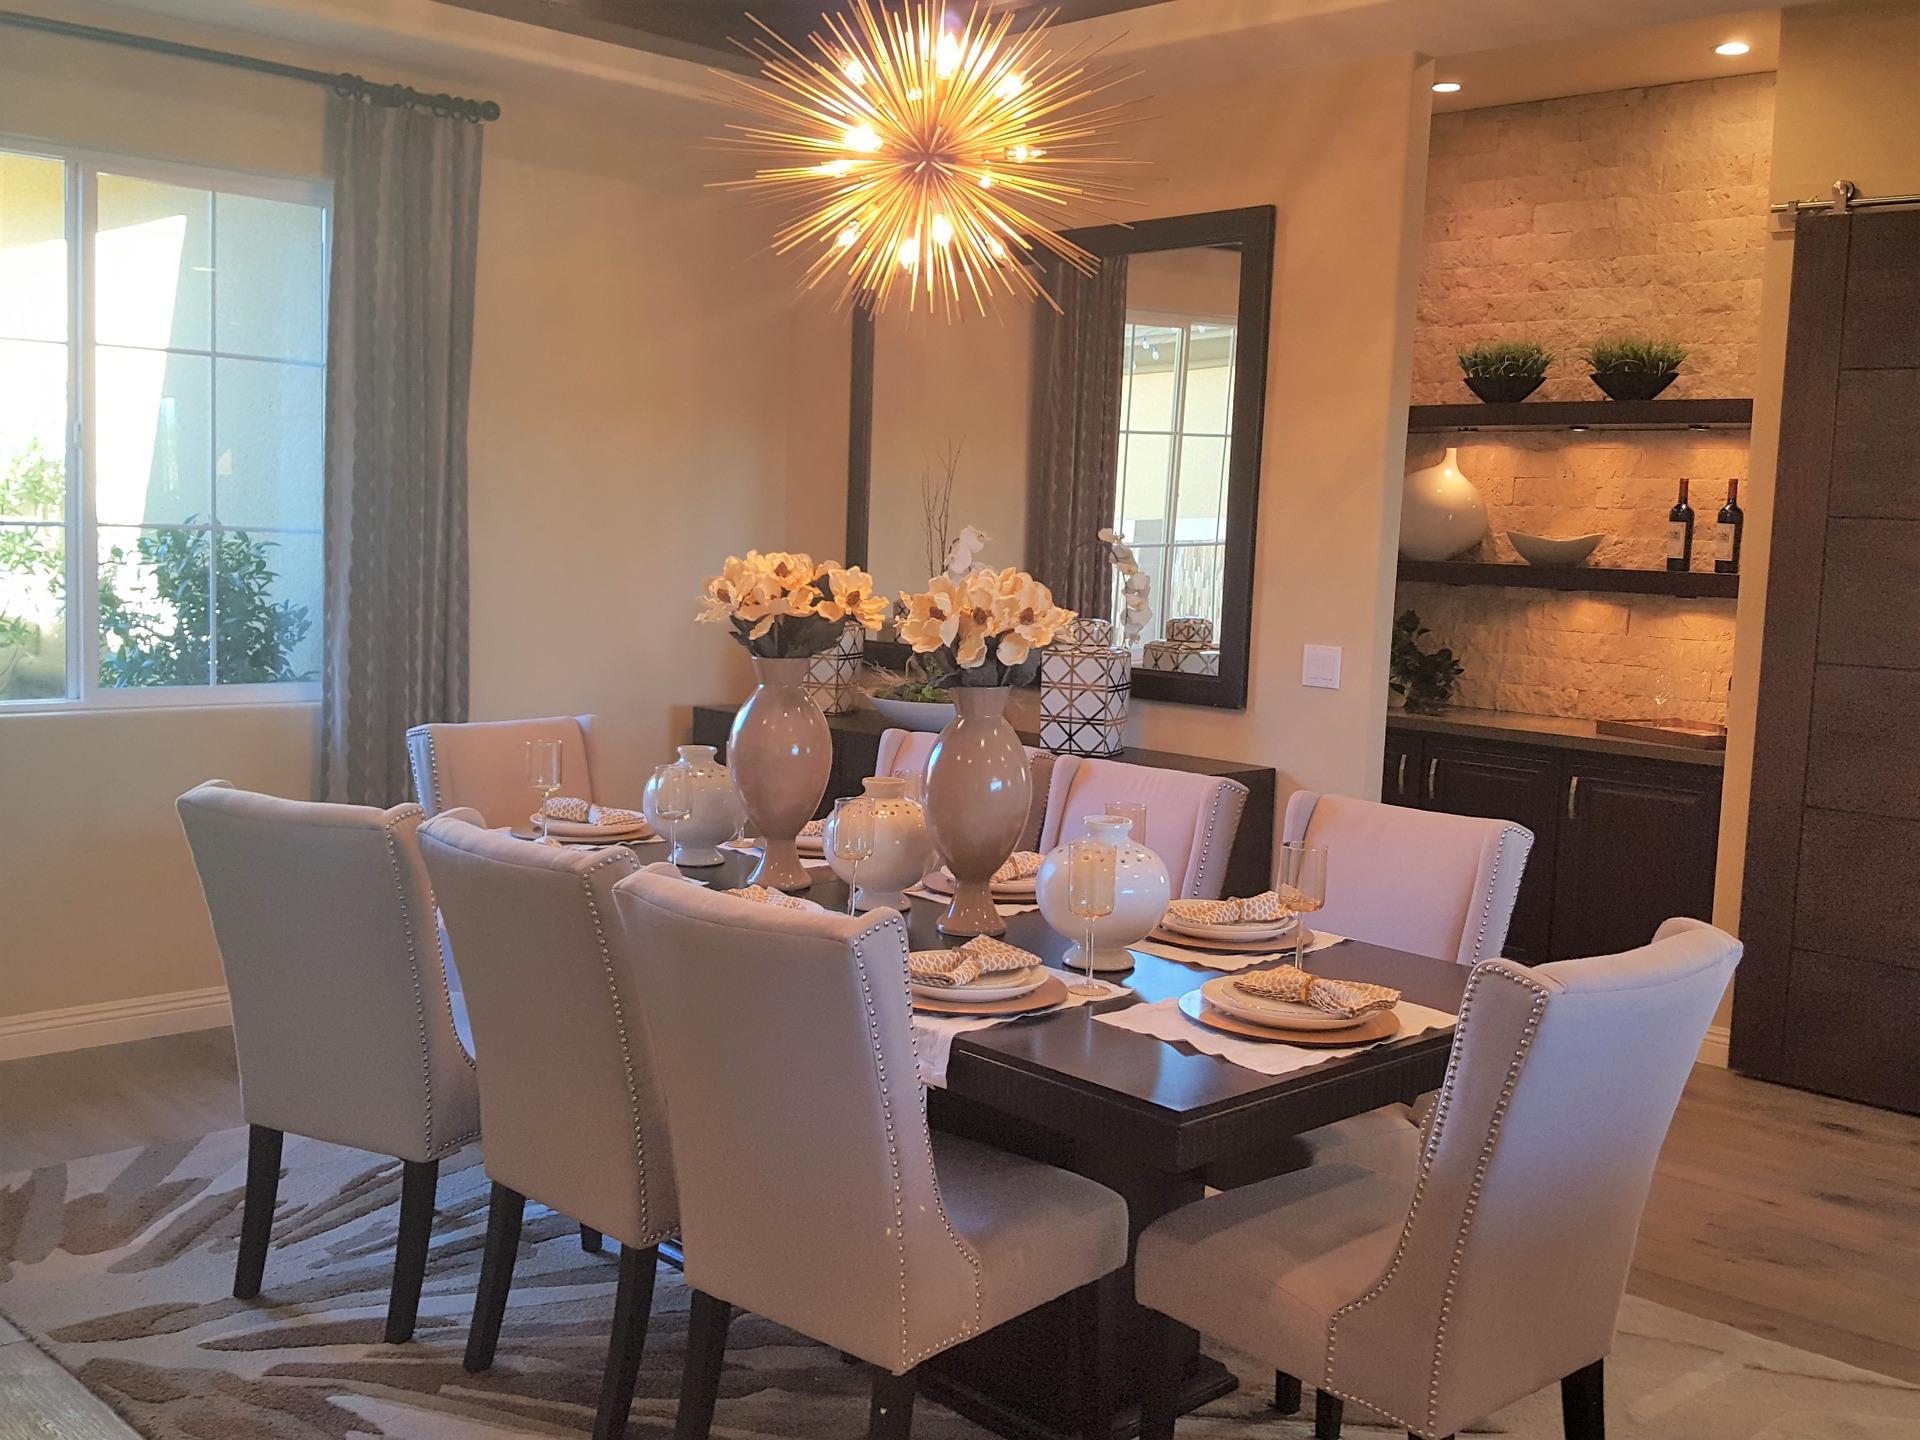 Blog sim immobiliare novara tante case una sola agenzia - Mesa immobiliare ...